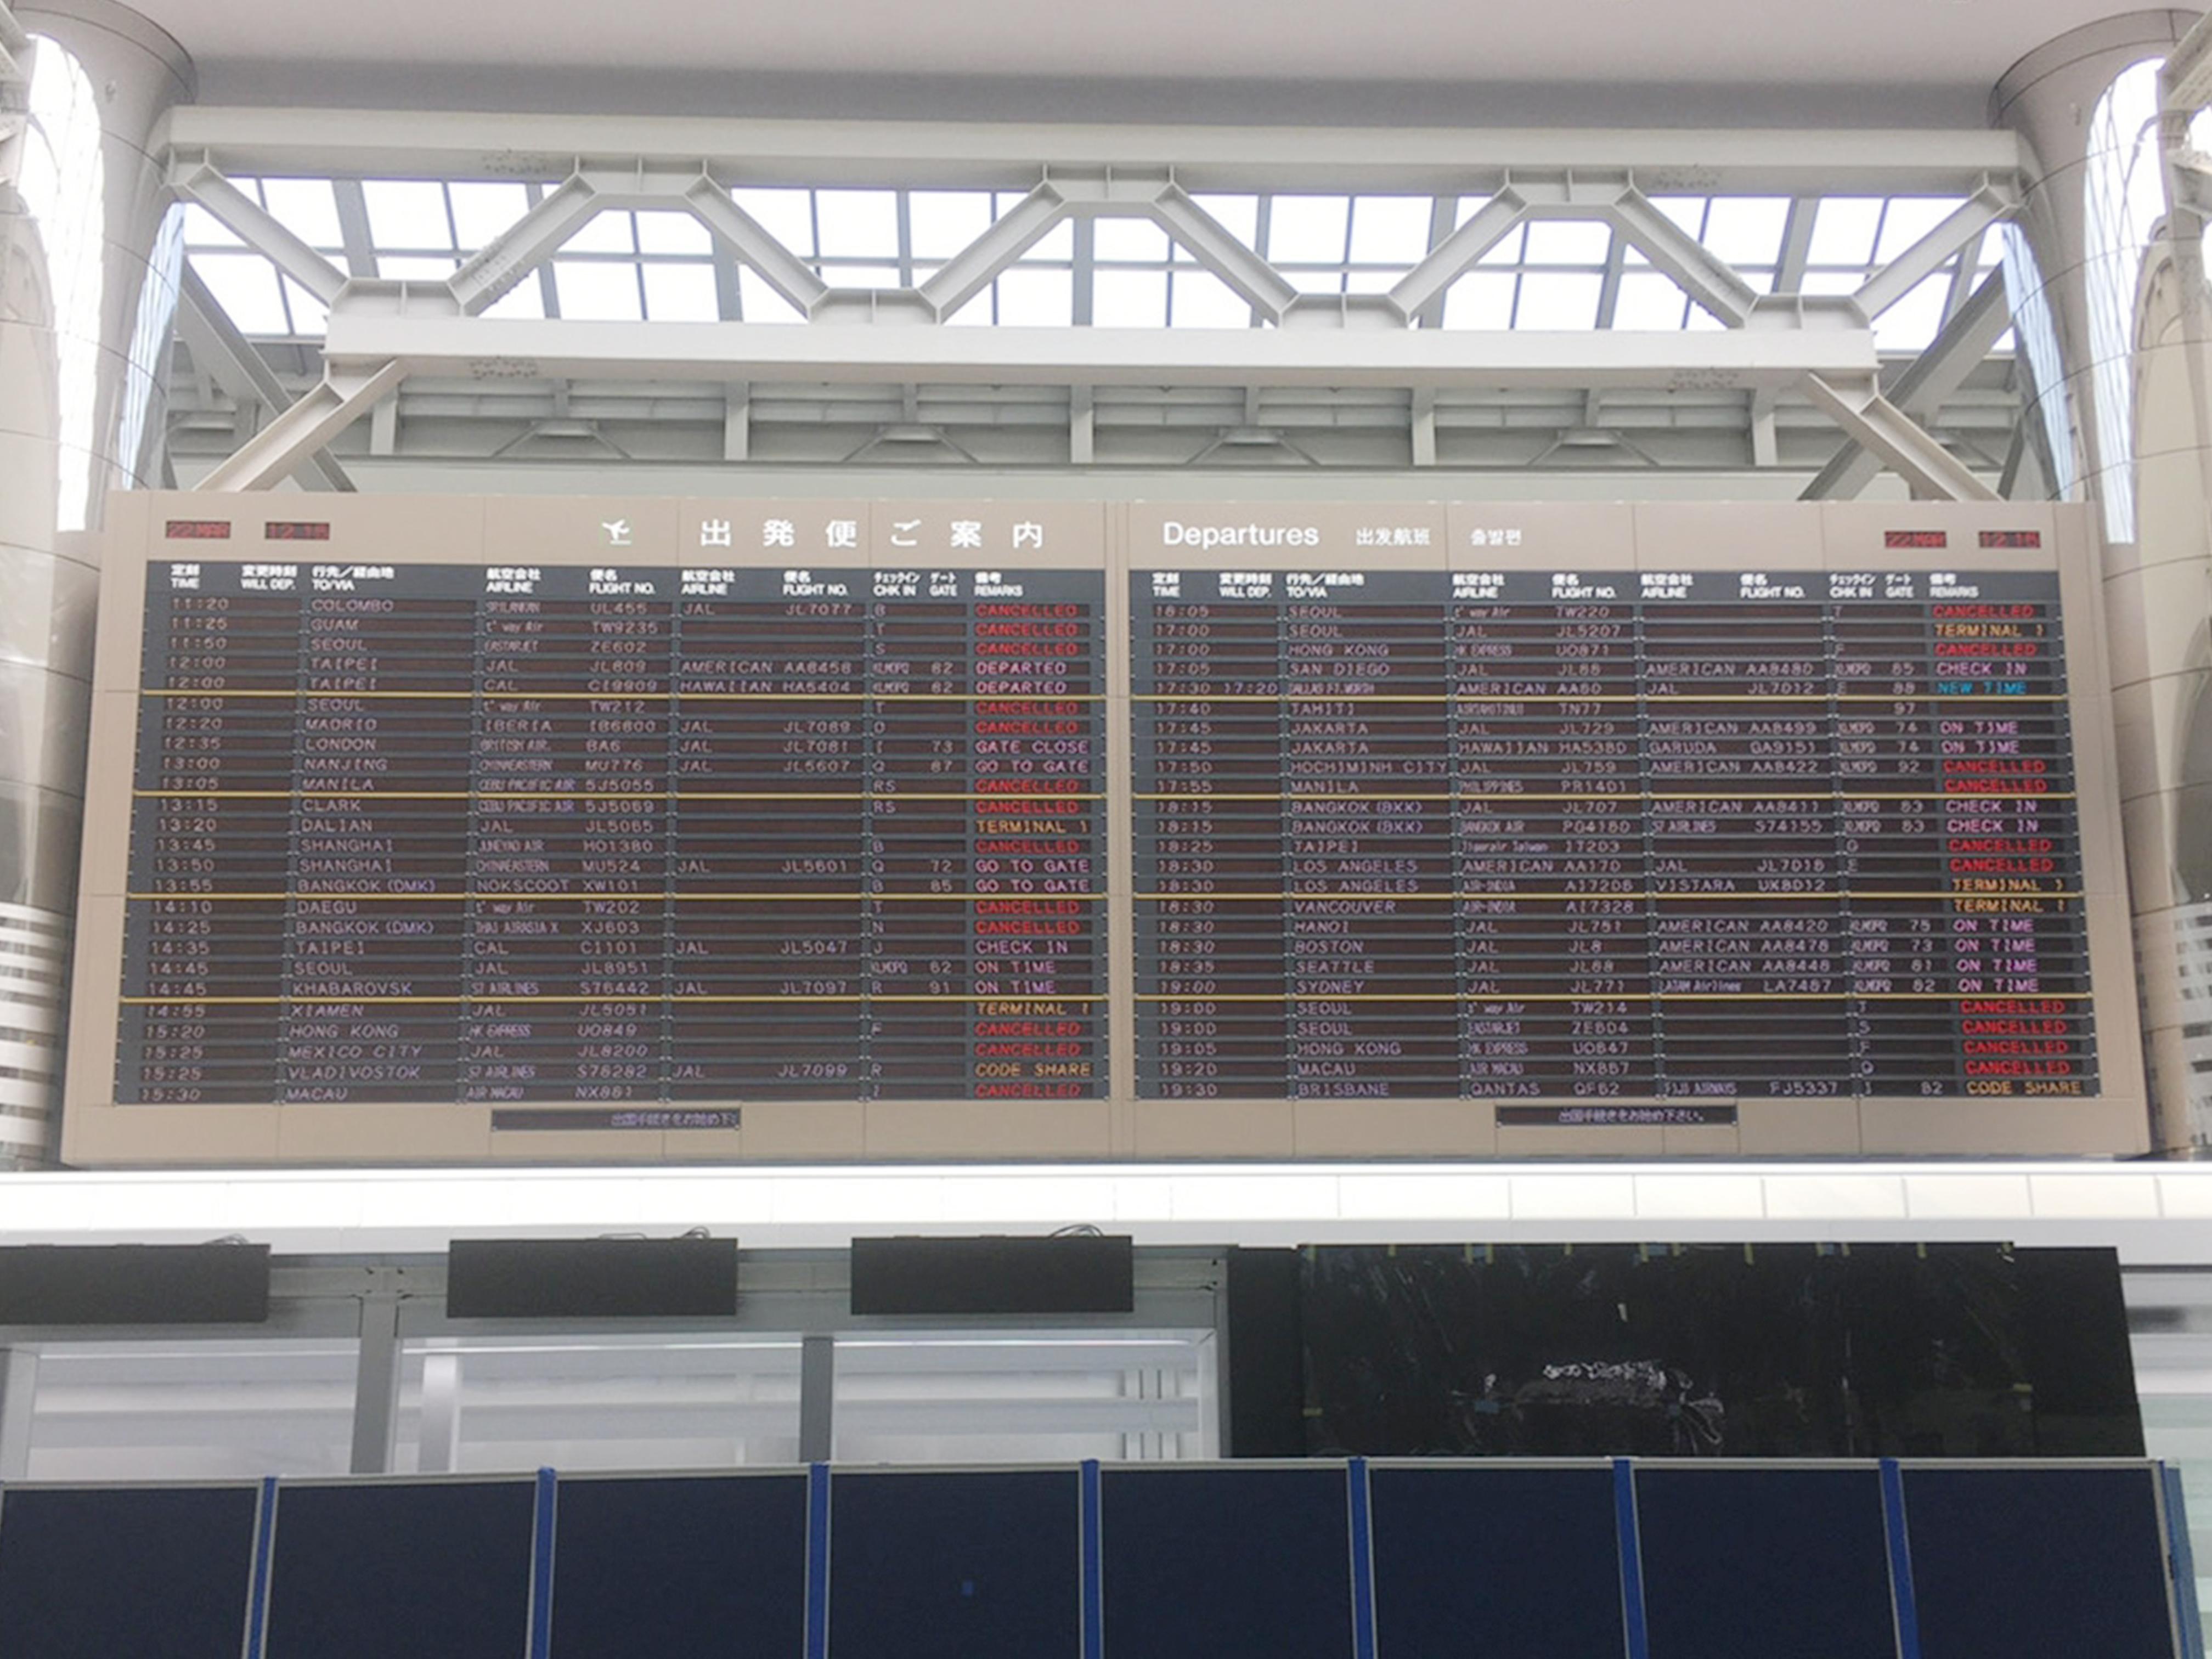 3月のフライト表。怒涛のキャンセル(赤字)ラッシュ。